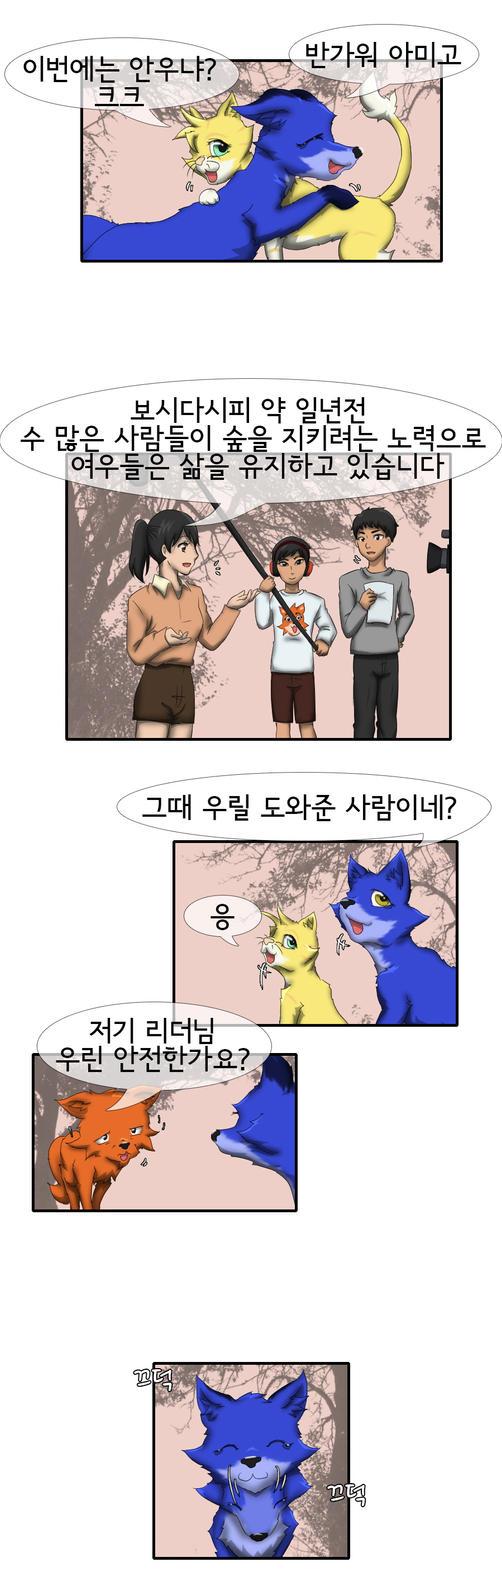 BlueFox Ep.44 -14- (Kor) by Jaeh-ae